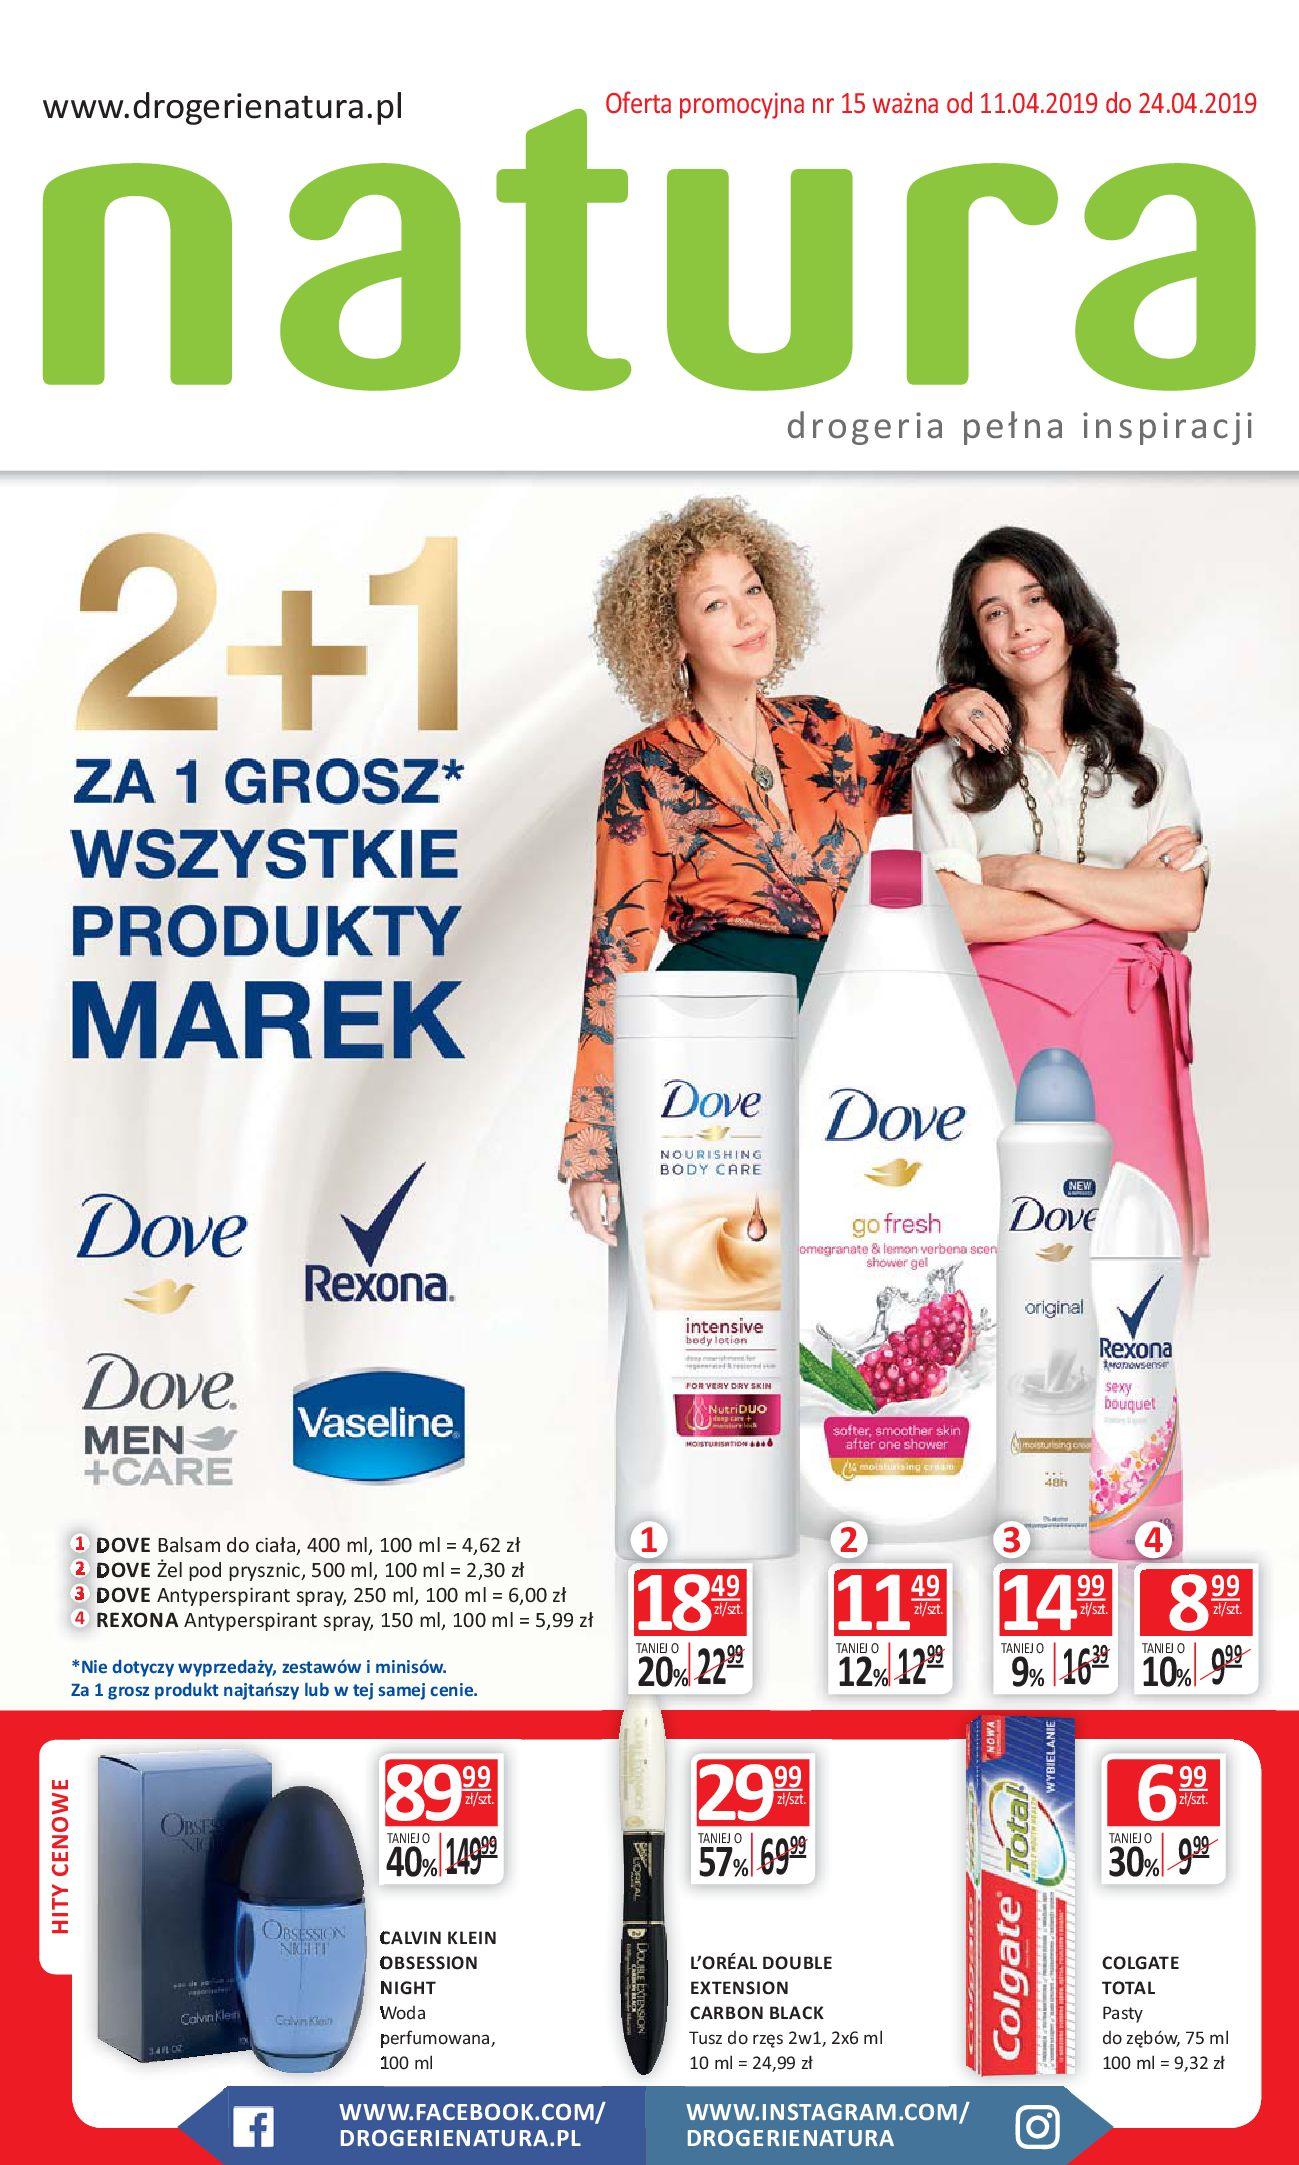 Gazetka Drogerie Natura - Drogeria pełna inspiracji-10.04.2019-24.04.2019-page-